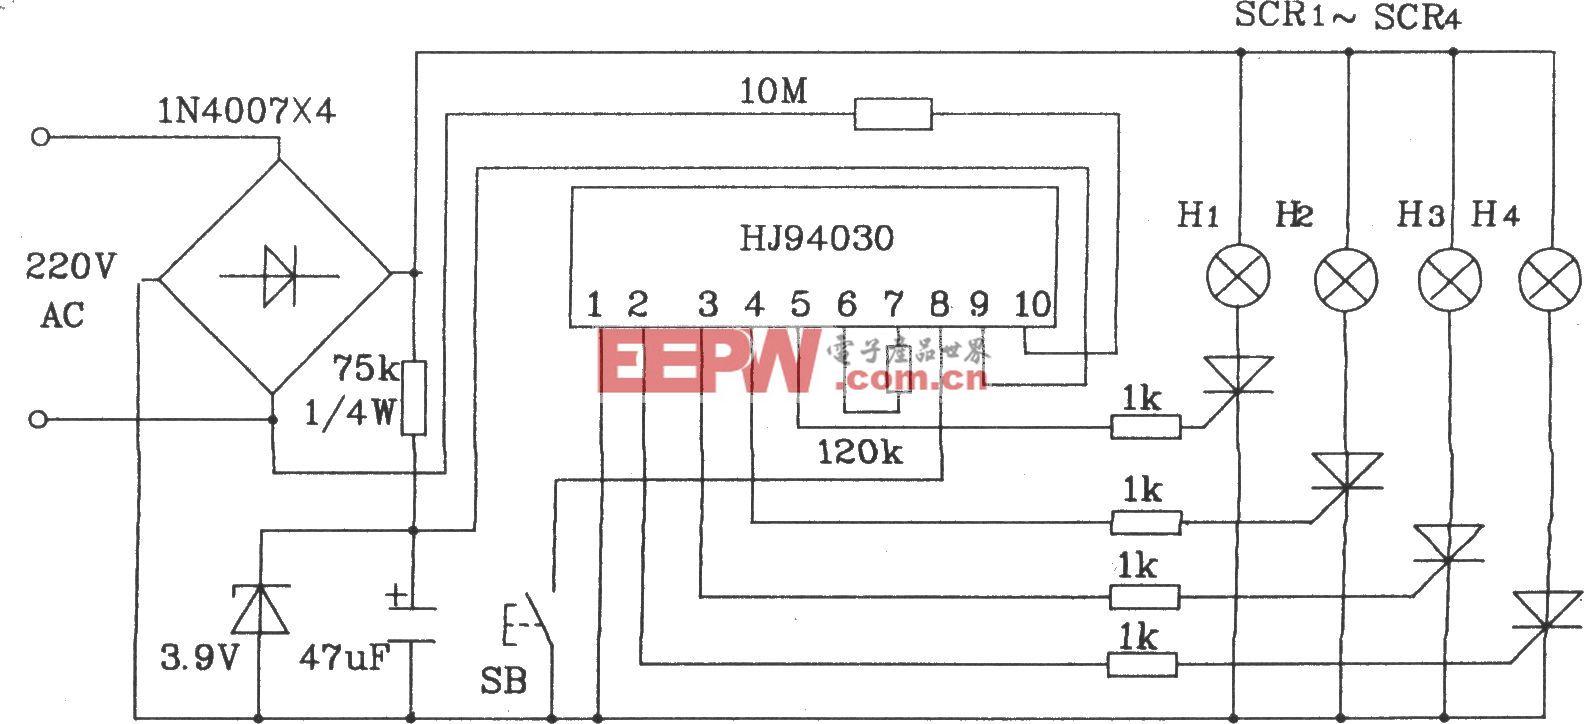 HJ94030多功能灯串控制集成电路典型应用电路